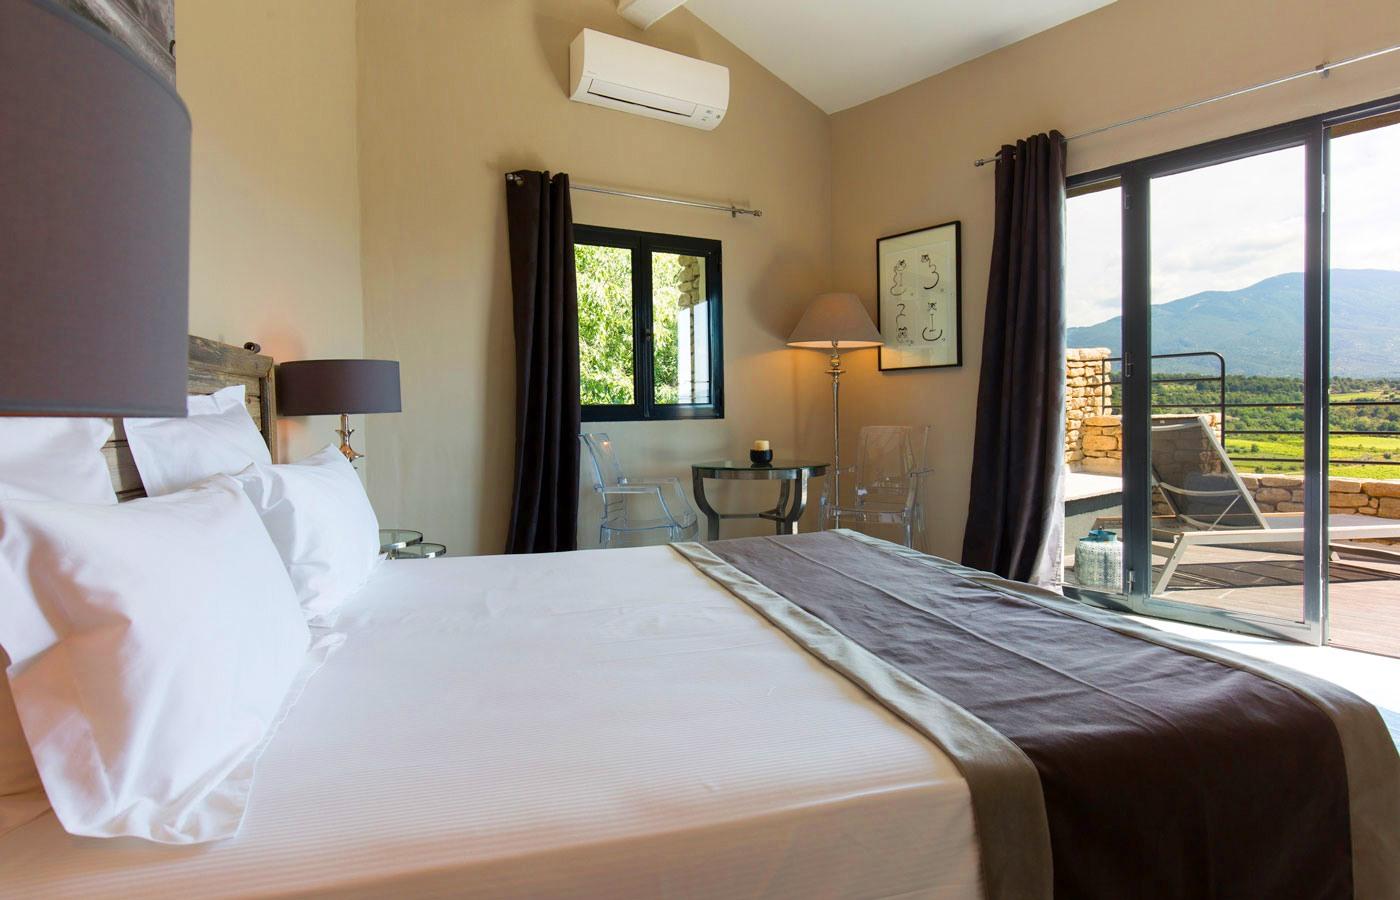 Hôtel avec vue sur le Mont Ventoux